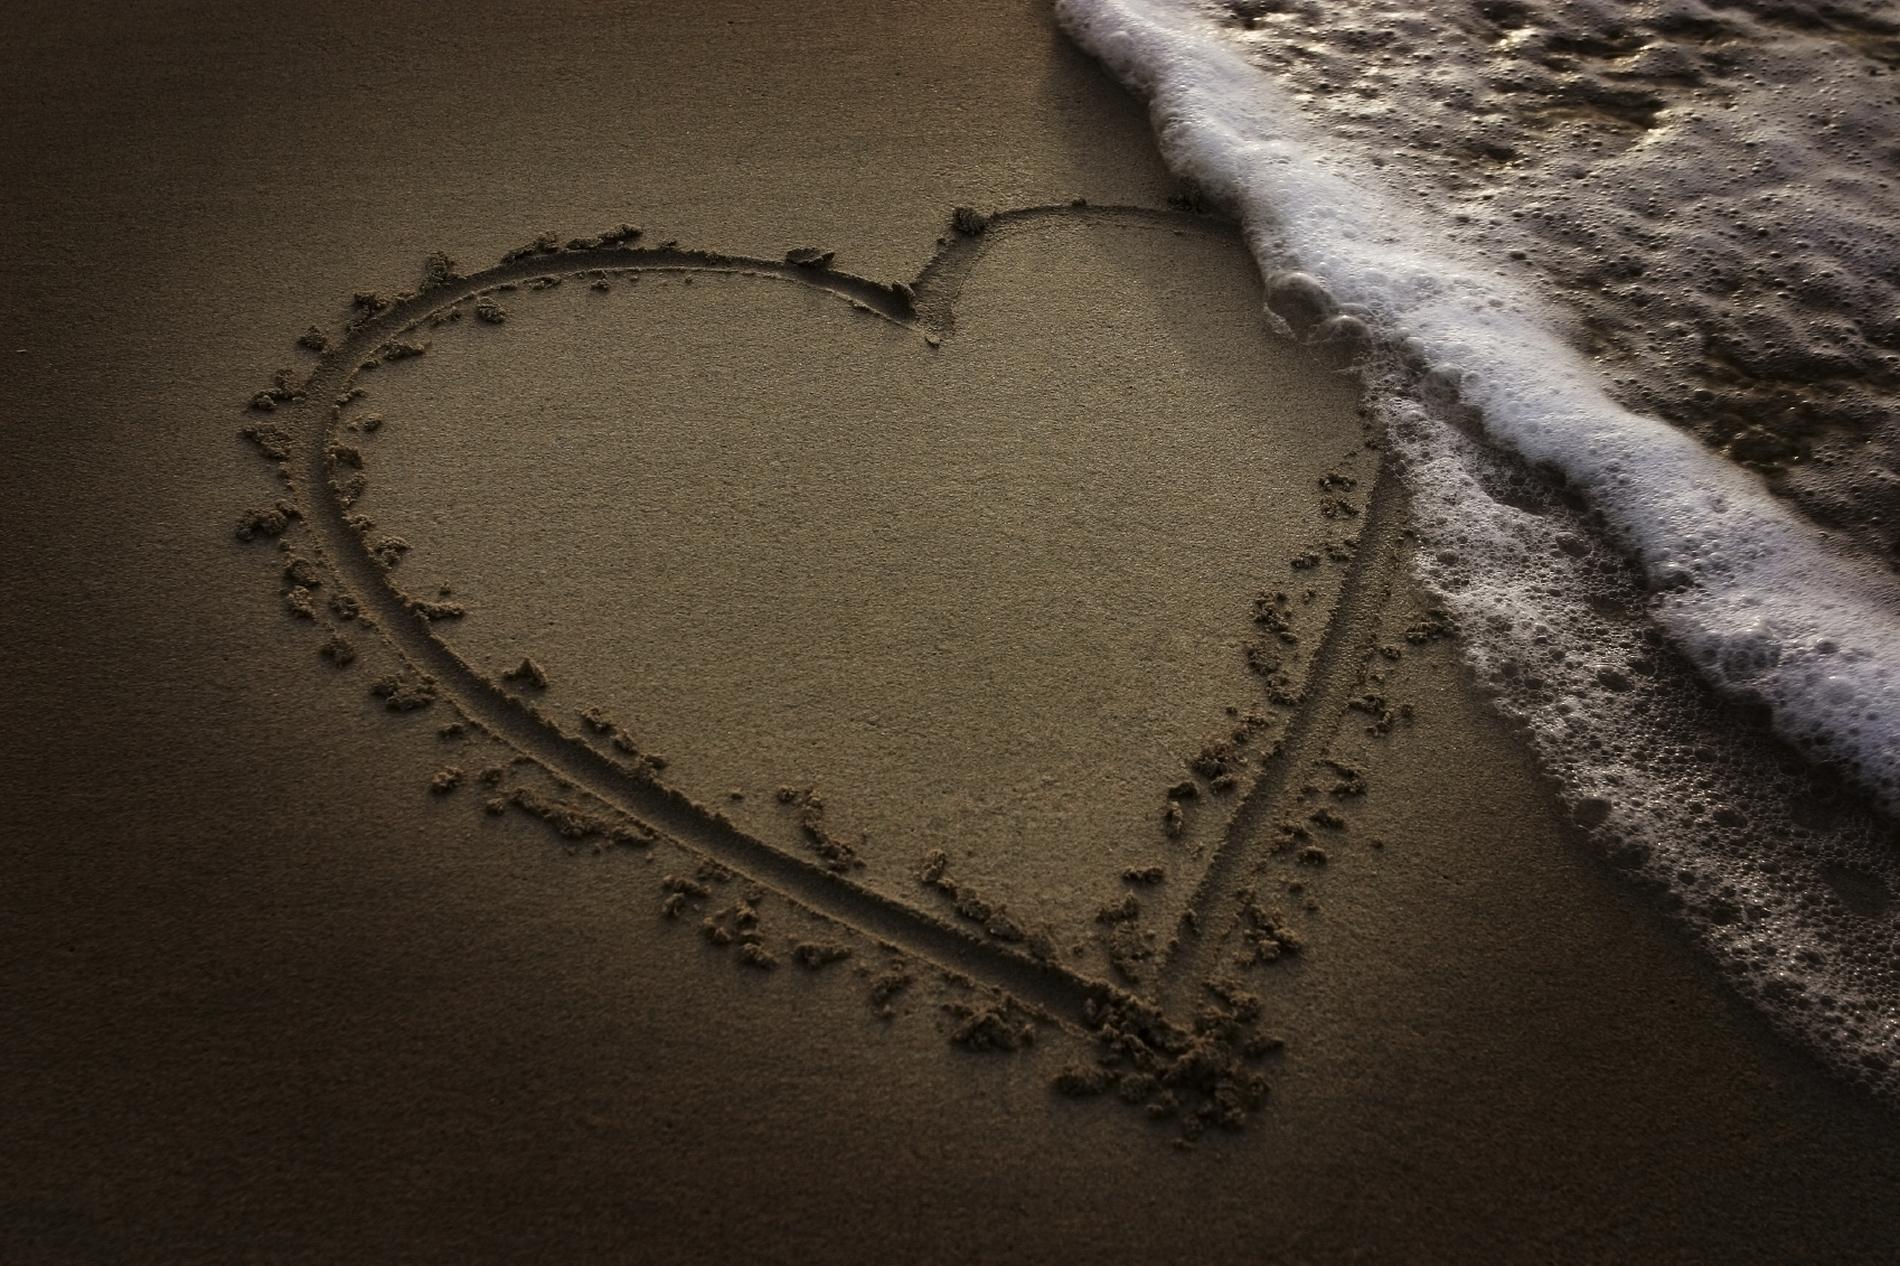 2011 надпись на песке возле волн  № 3342174  скачать